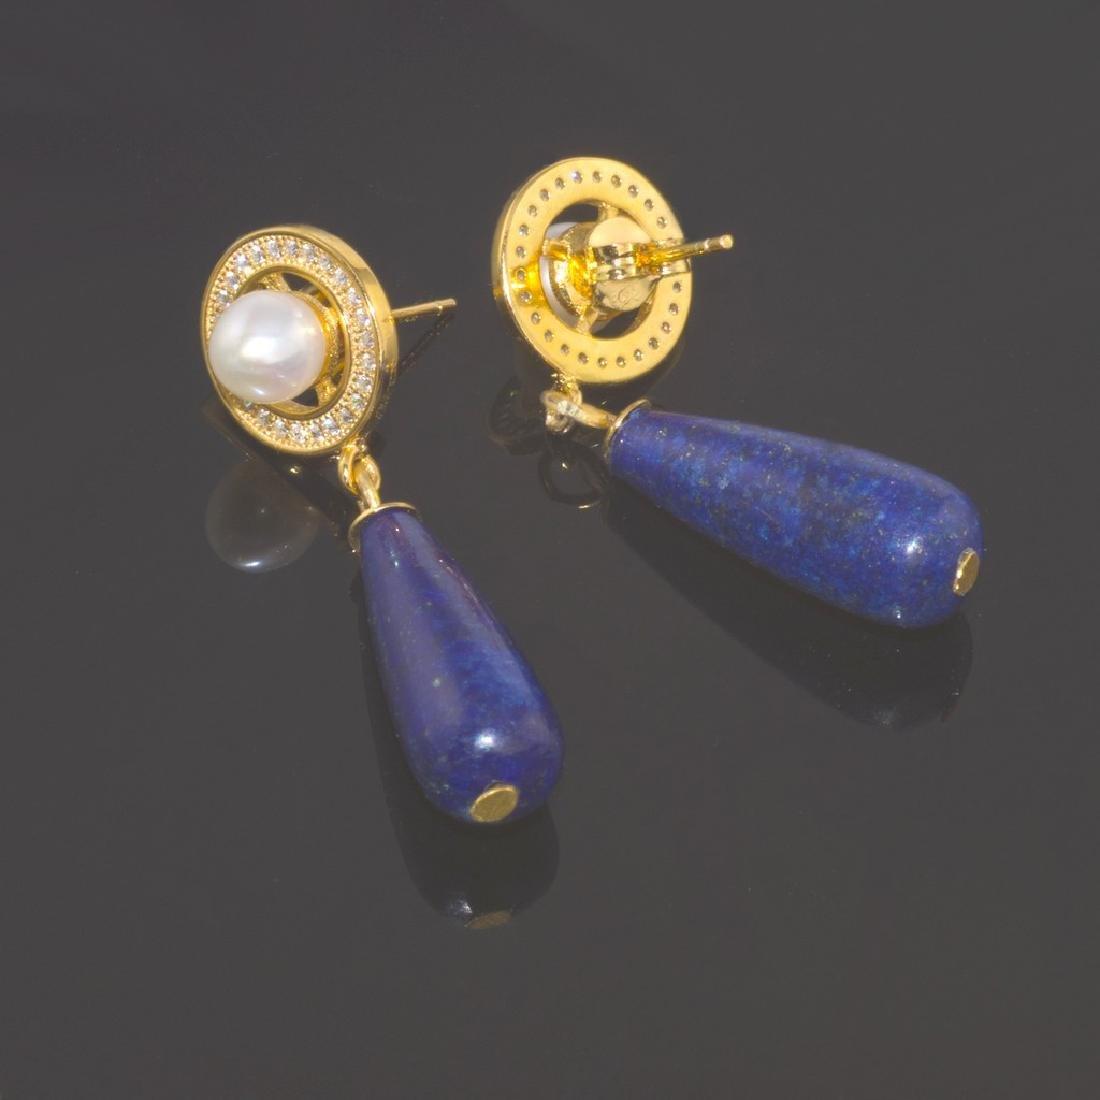 Afghan Lapis lazuli Earrings - 3